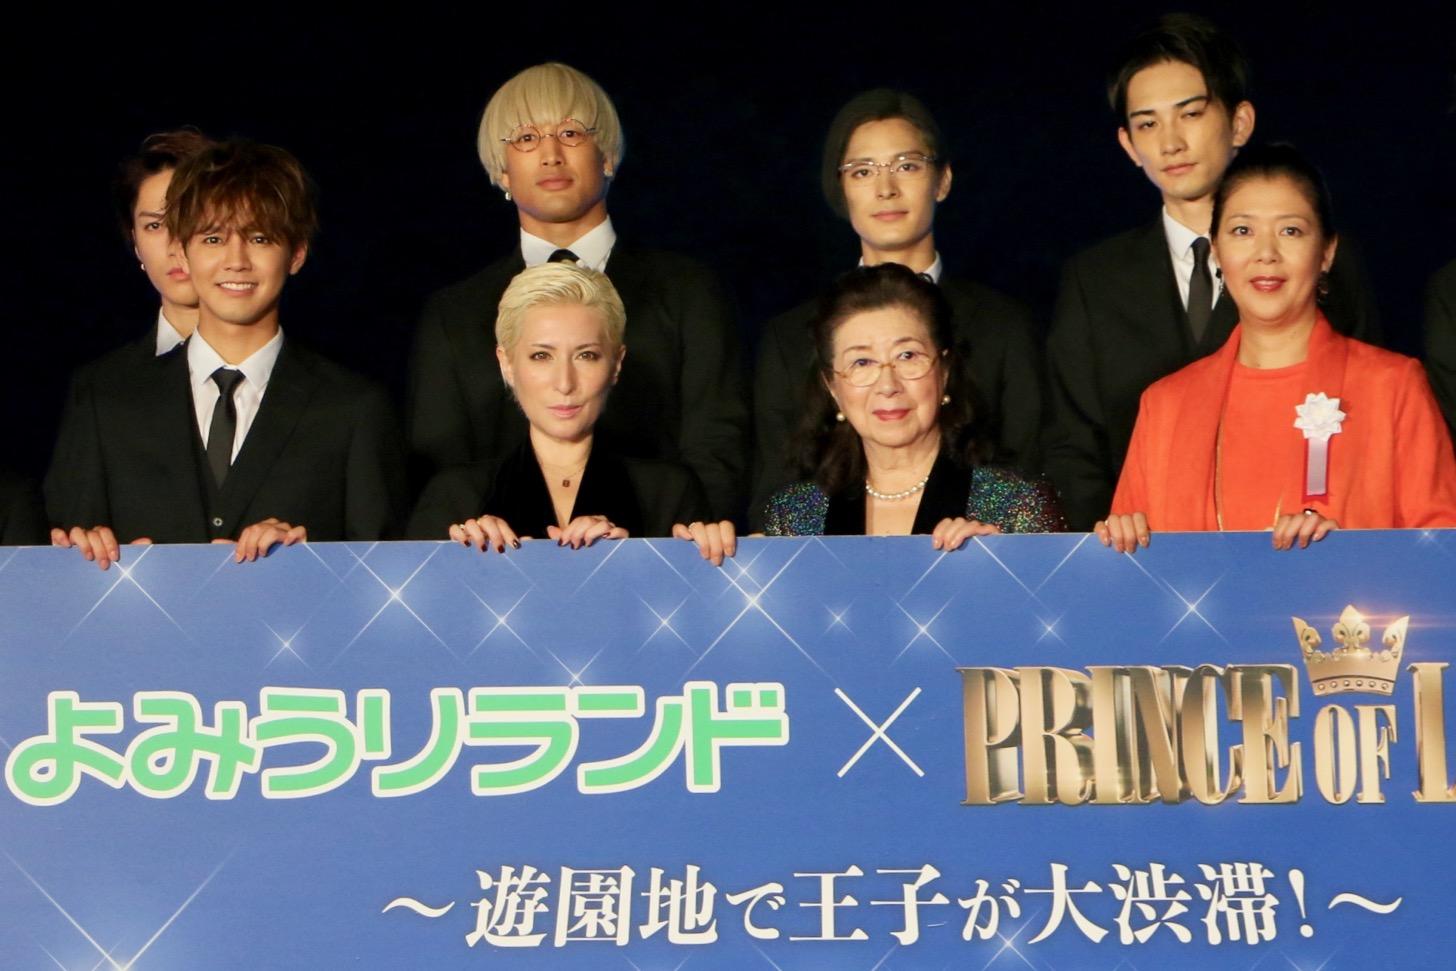 よみうりランド ジュエルミネーション 点灯式に登場した(前列左から)片寄涼太さん、LISAさん、石井幹子さん、石井リーサ明理さん (C)多摩ポン